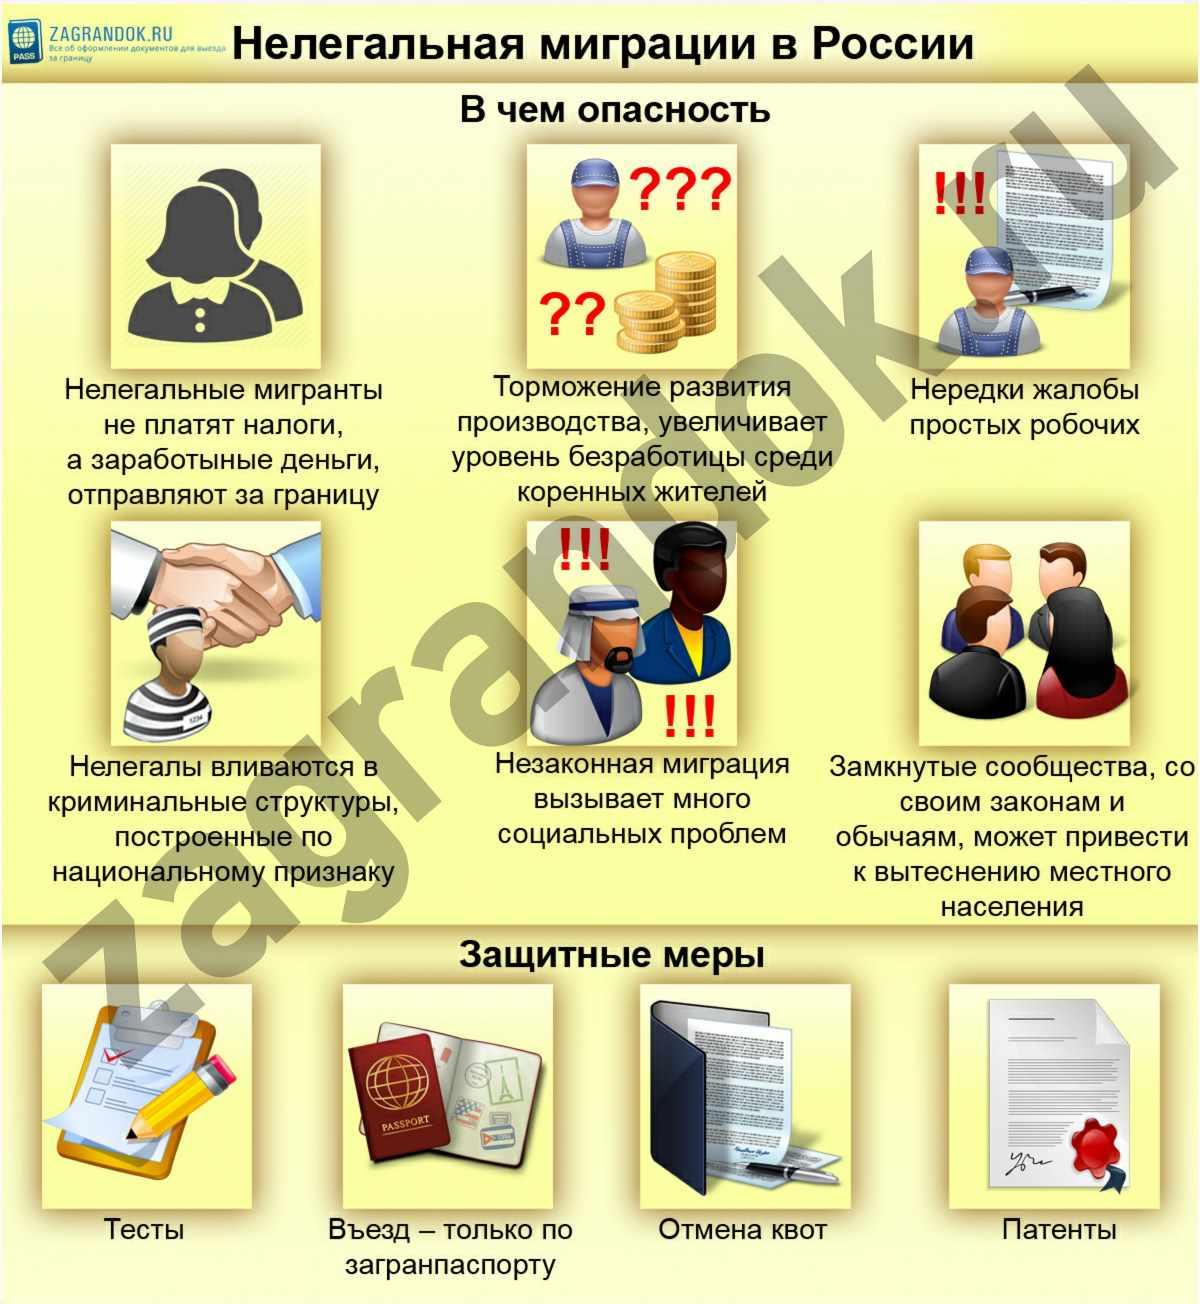 Нелегальная миграции в России